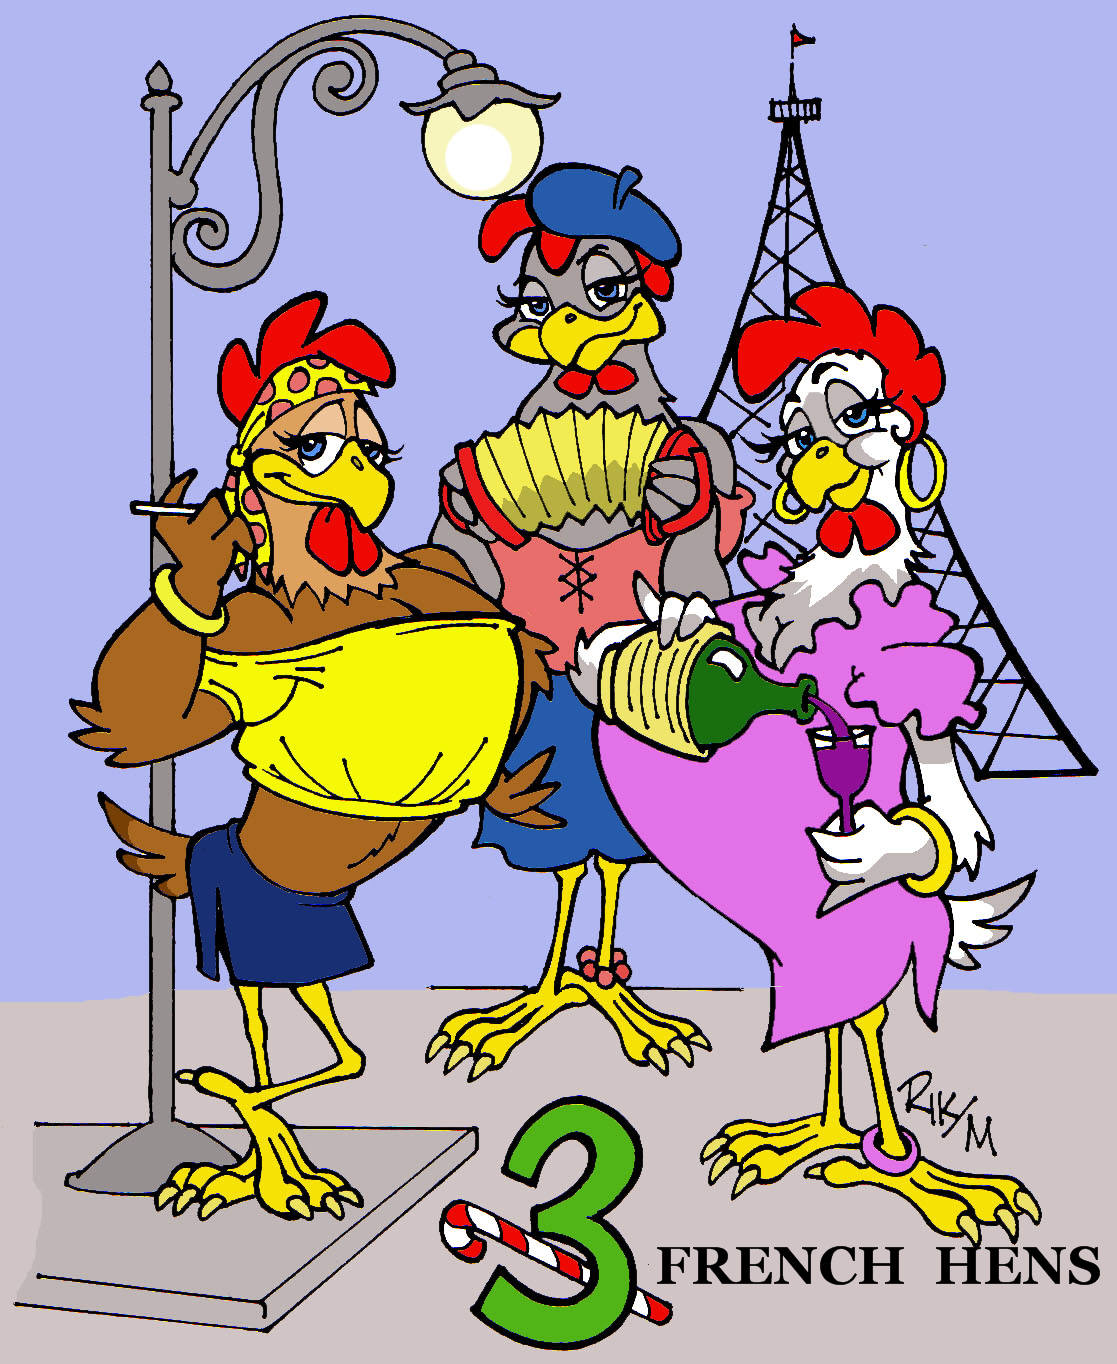 Riktoonz -- Cartoonist/Caricaturist Rick C. Moore: On the 1st, 2nd ...